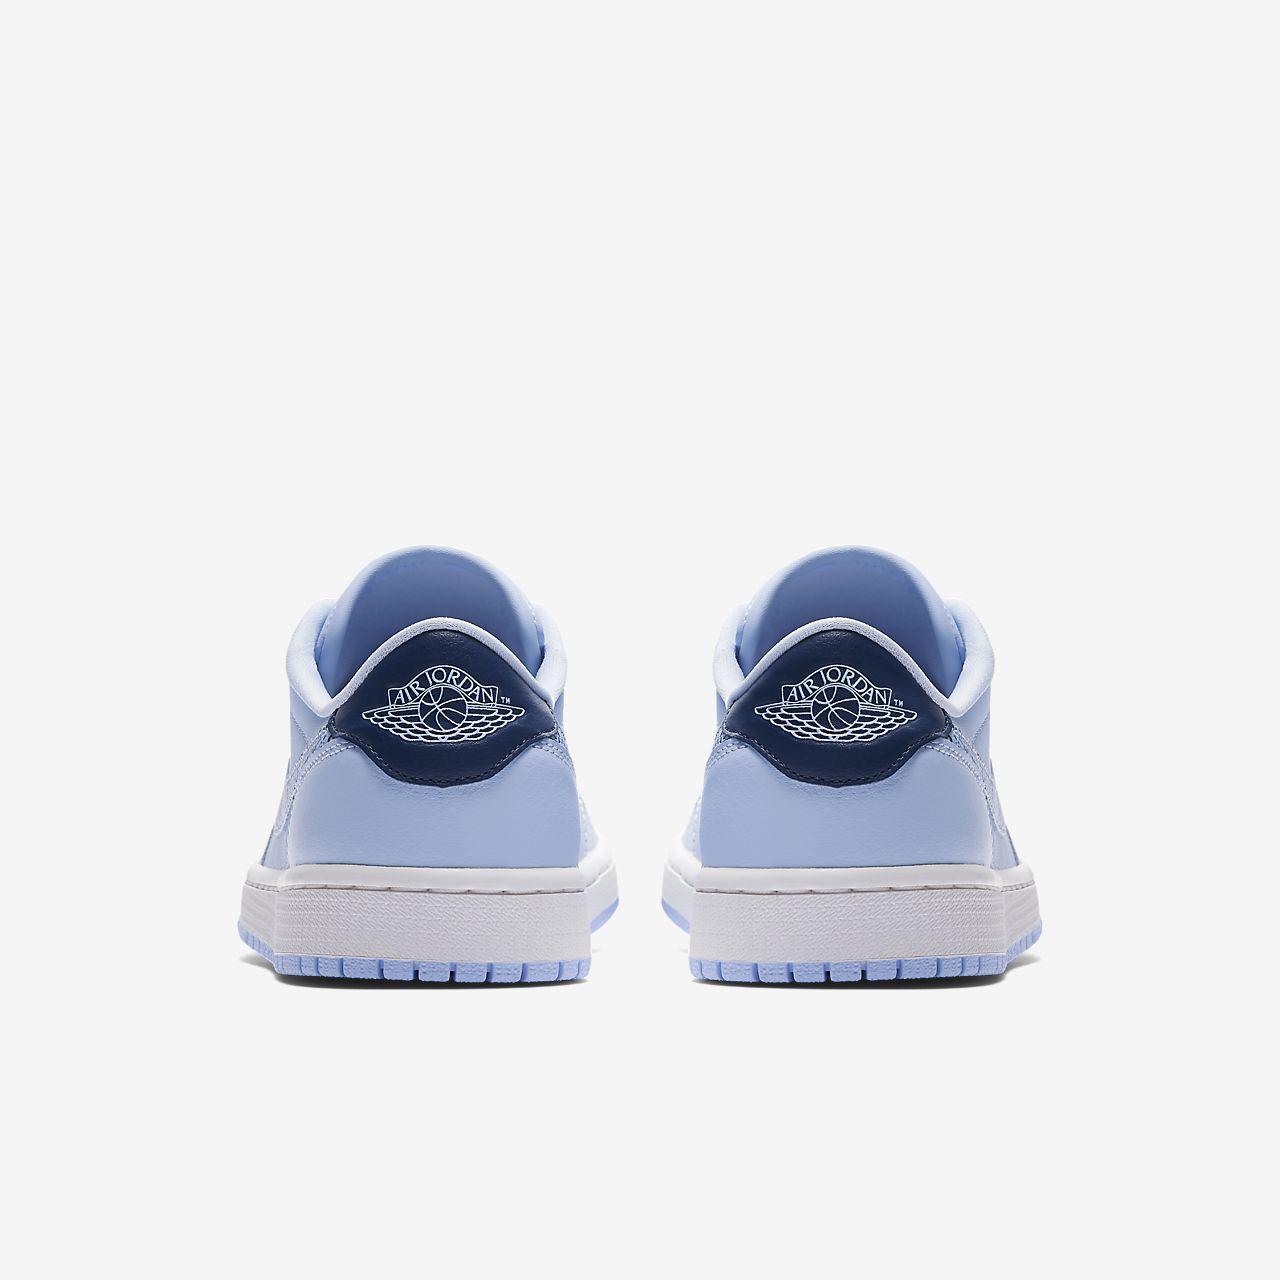 hot sale online f805c 51d28 ... Air Jordan 1 Retro Low OG Women s Shoe